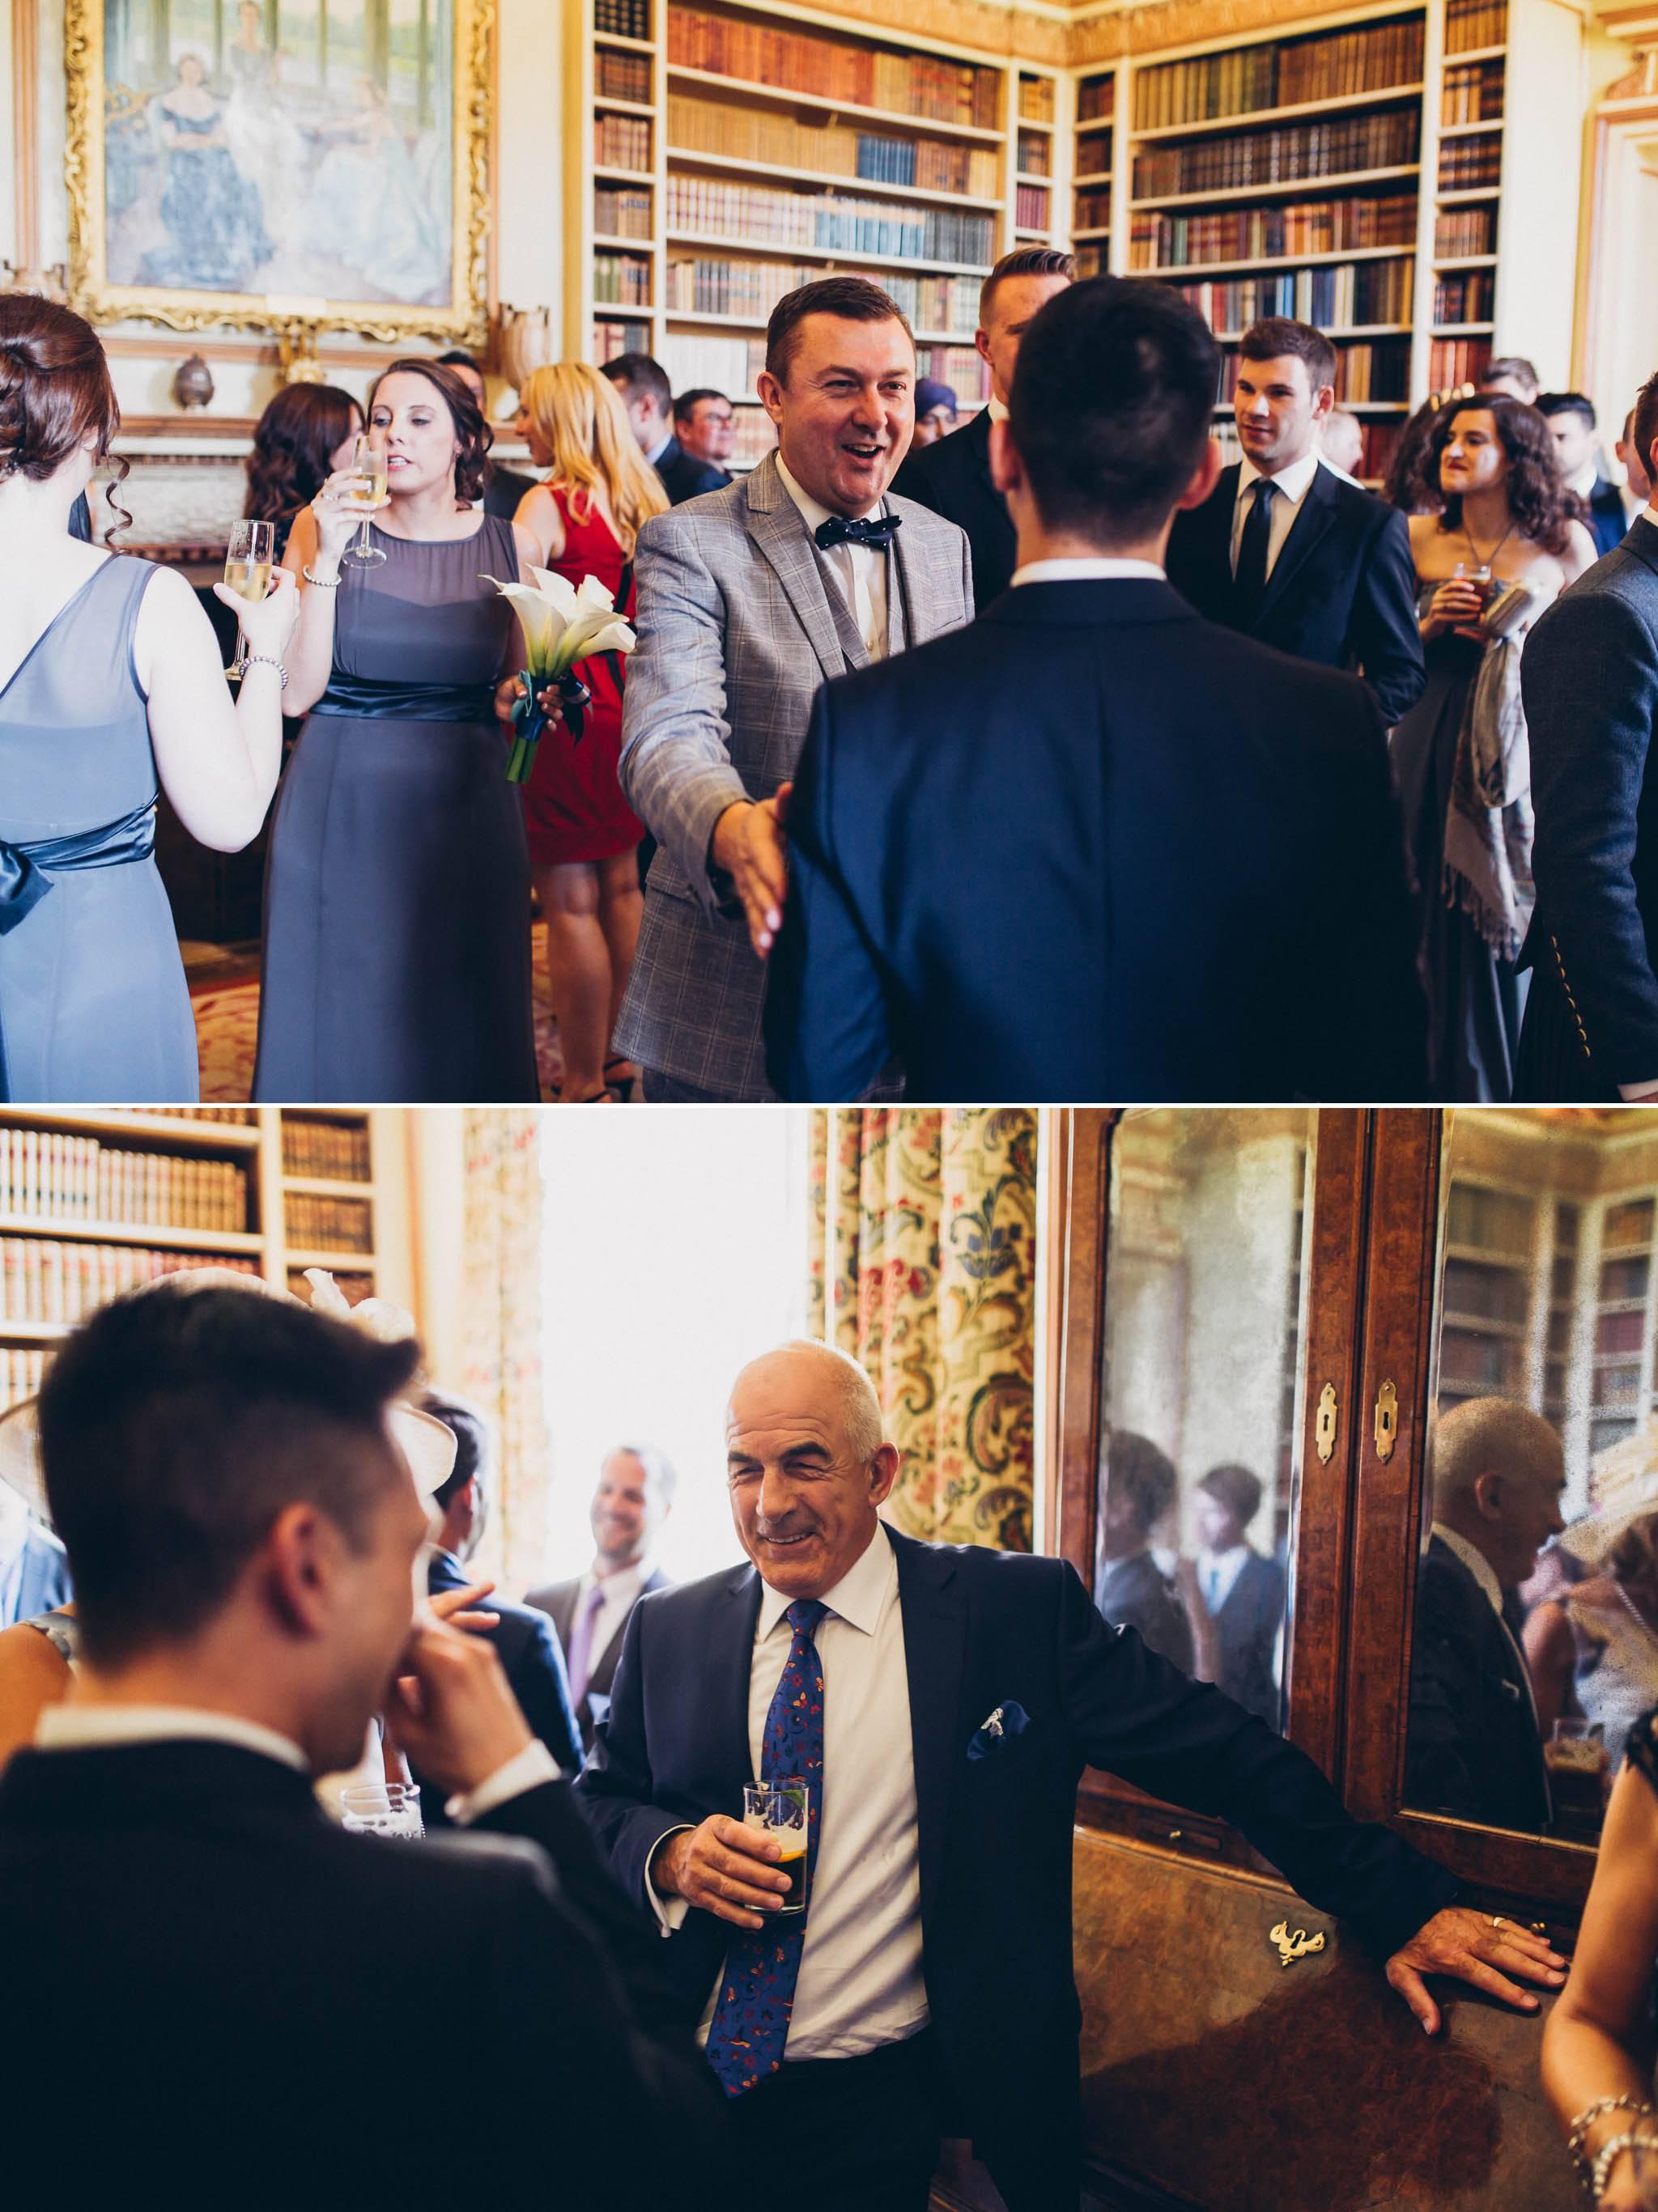 leeds-castle-wedding-photography 22.jpg